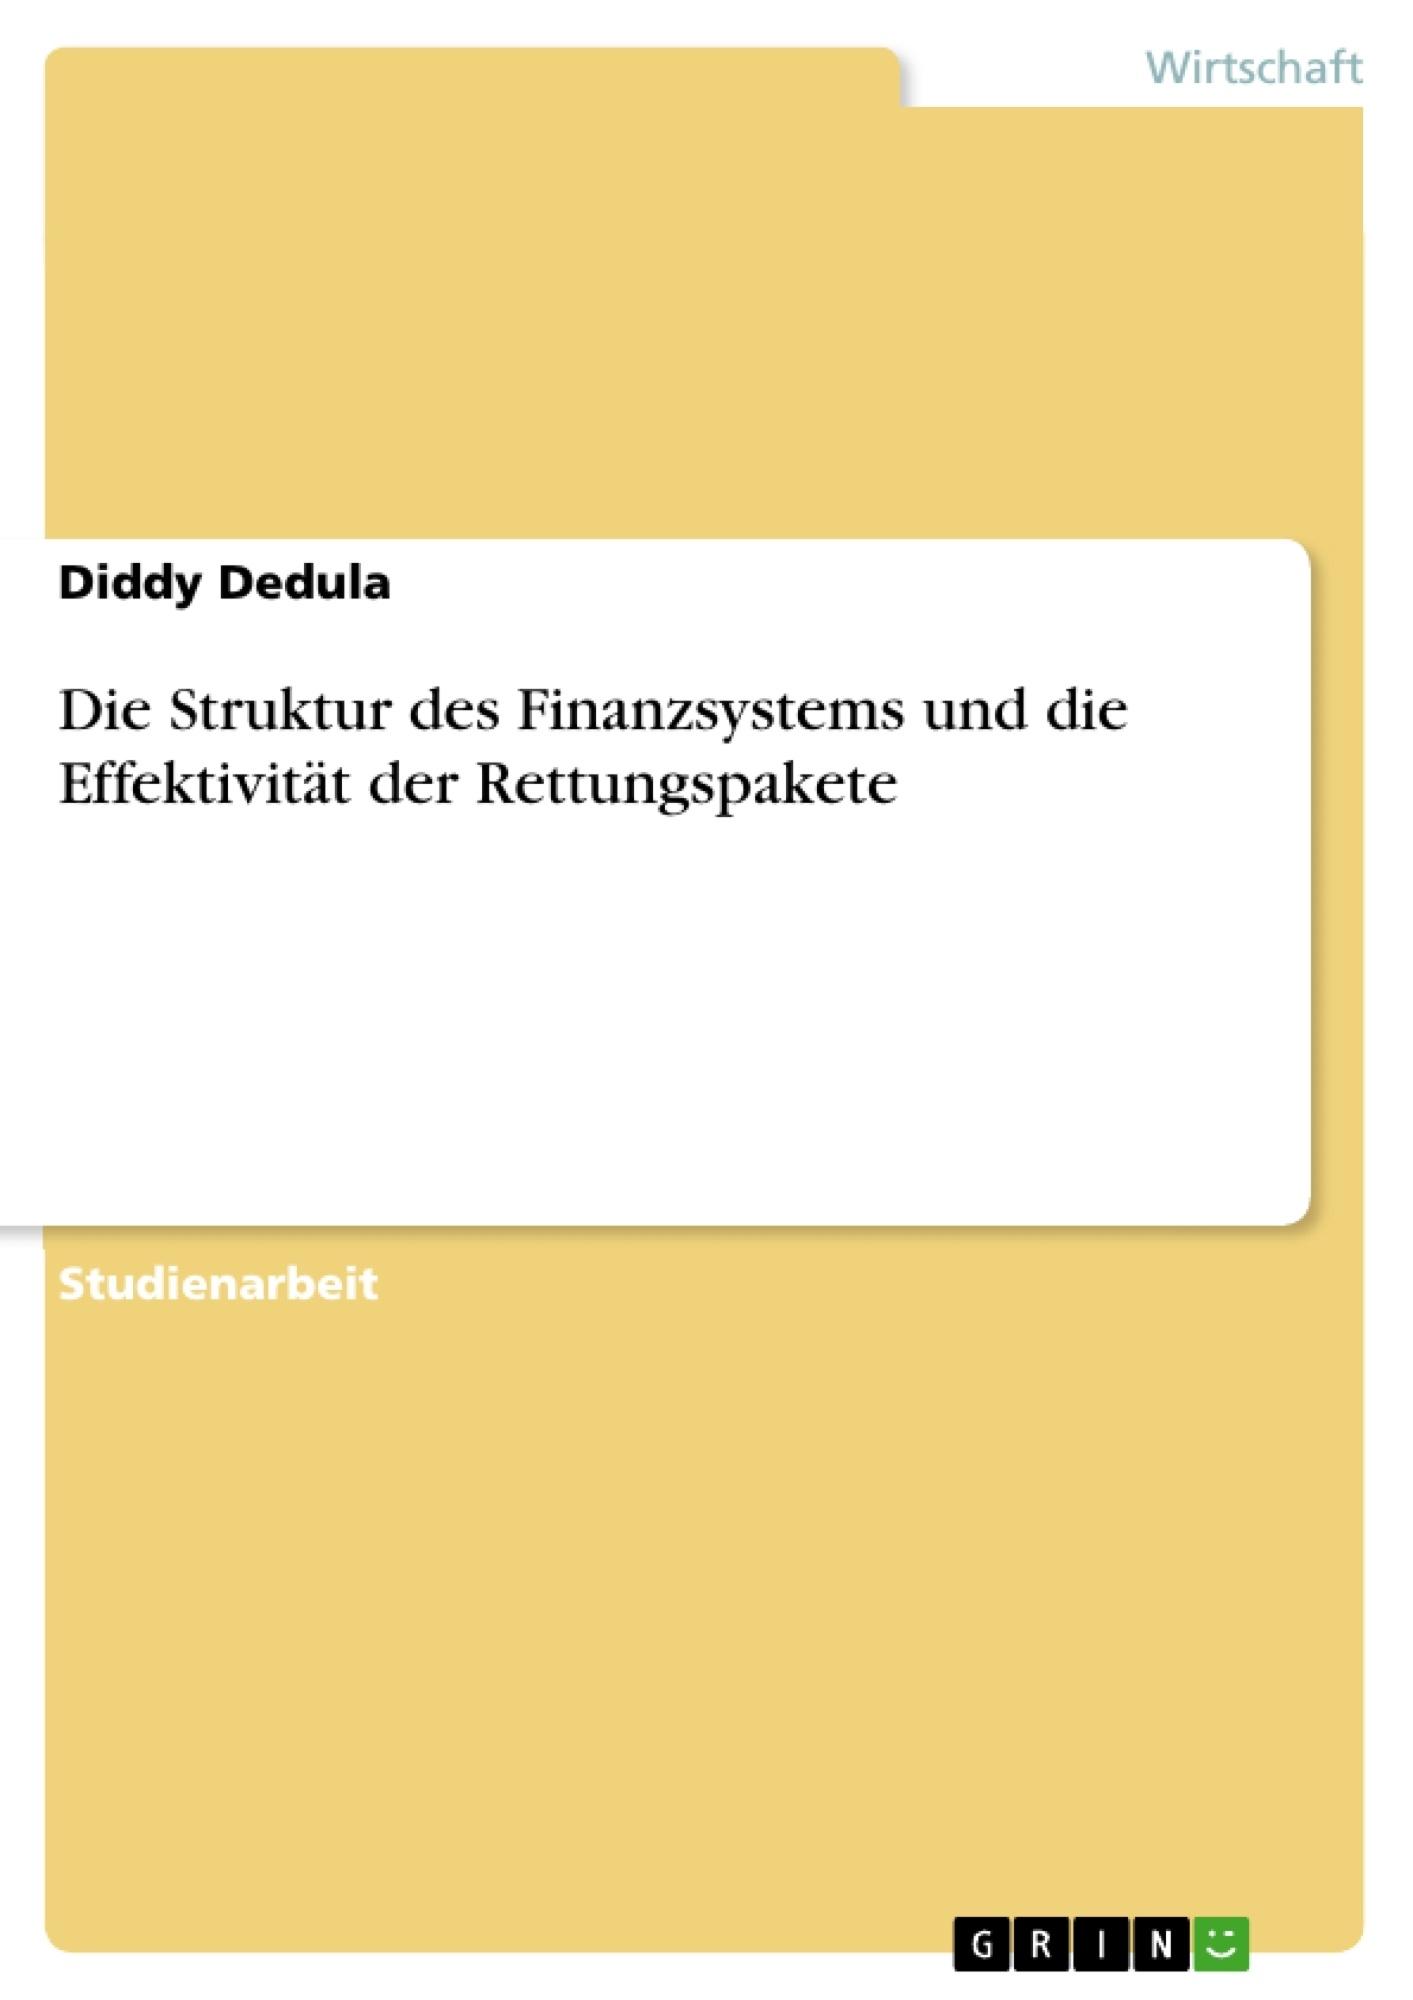 Titel: Die Struktur des Finanzsystems und die Effektivität der Rettungspakete